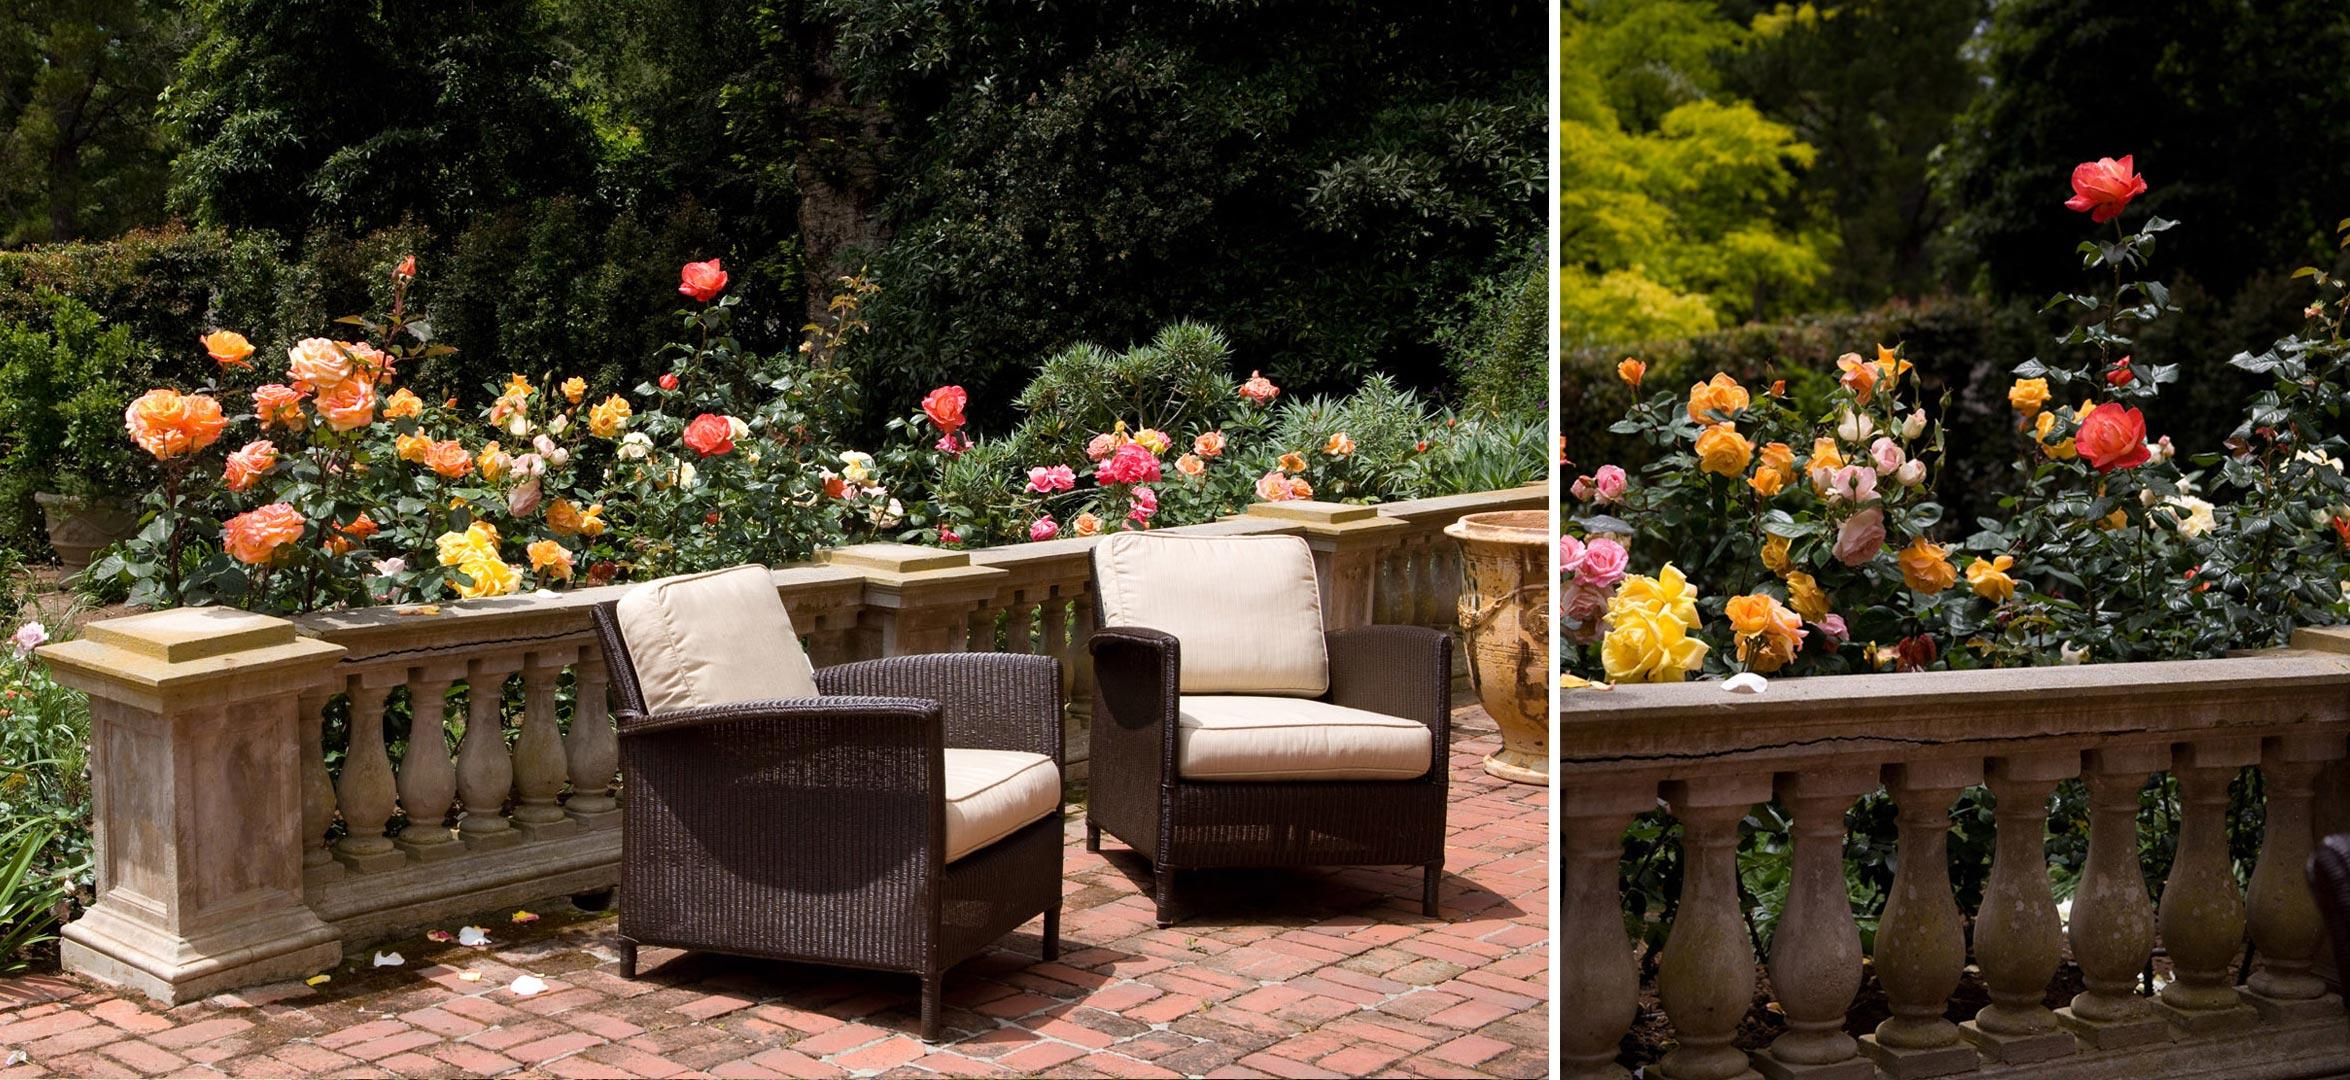 Montecito-04-roses-patio.jpg